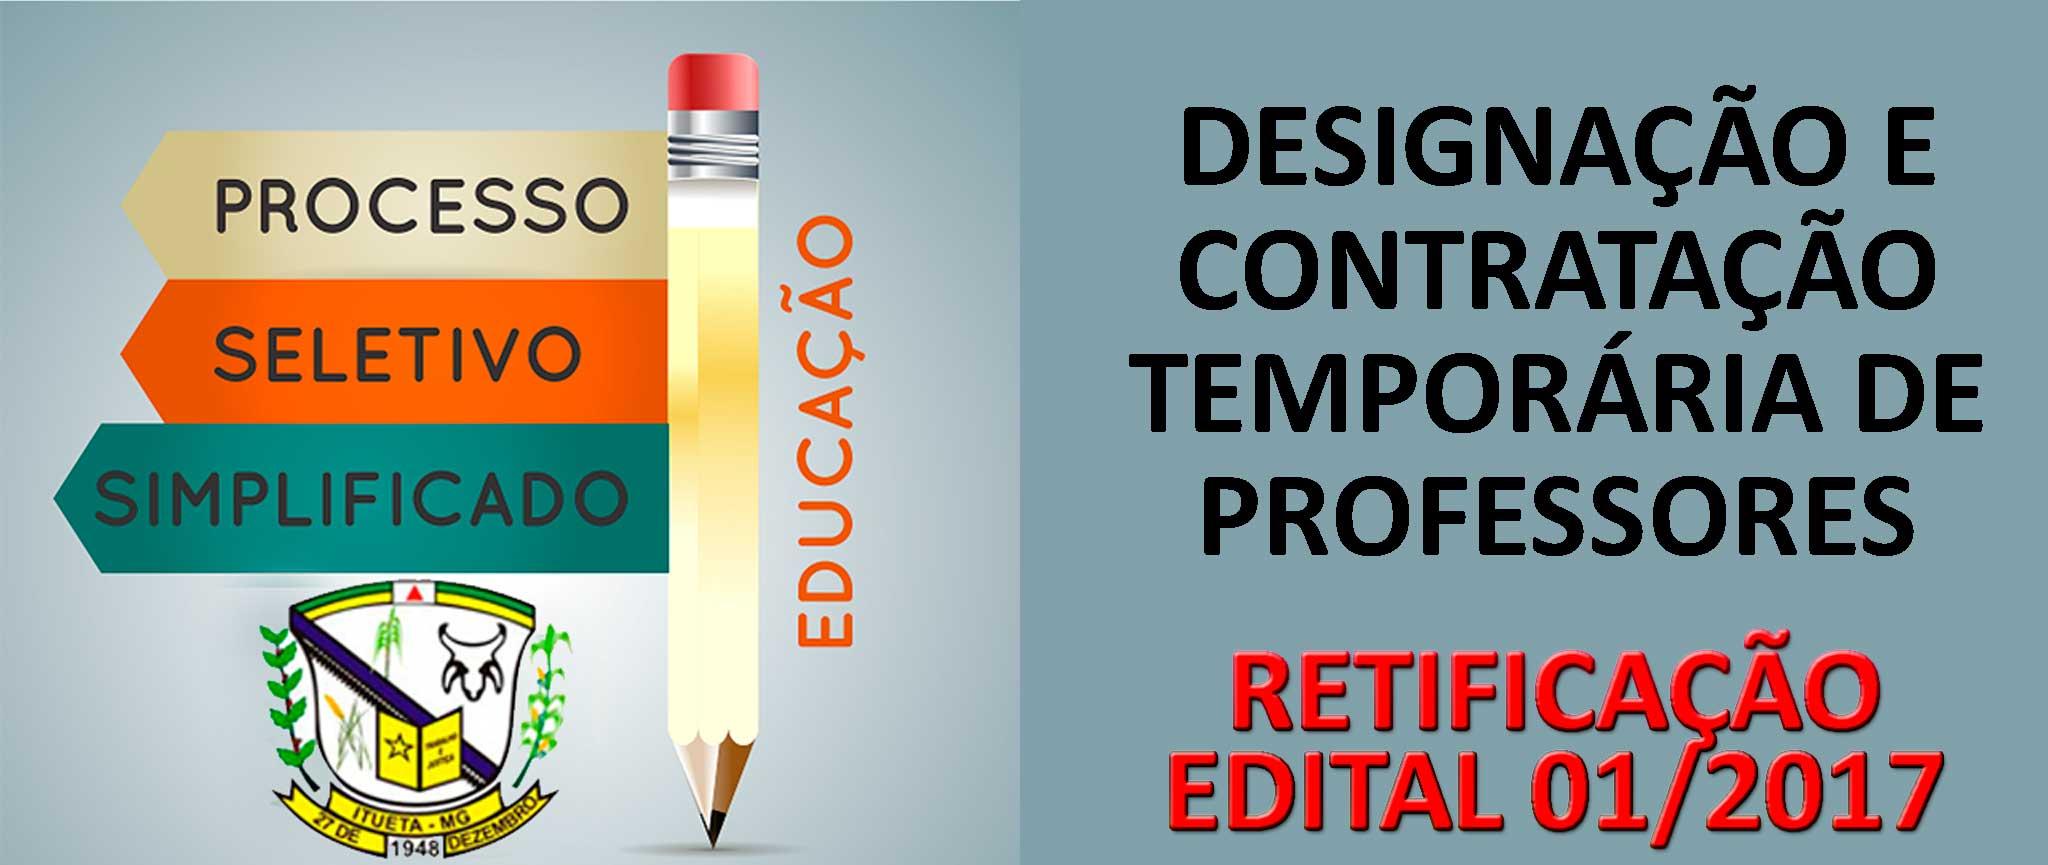 Clique para baixar o Edital em PDF.